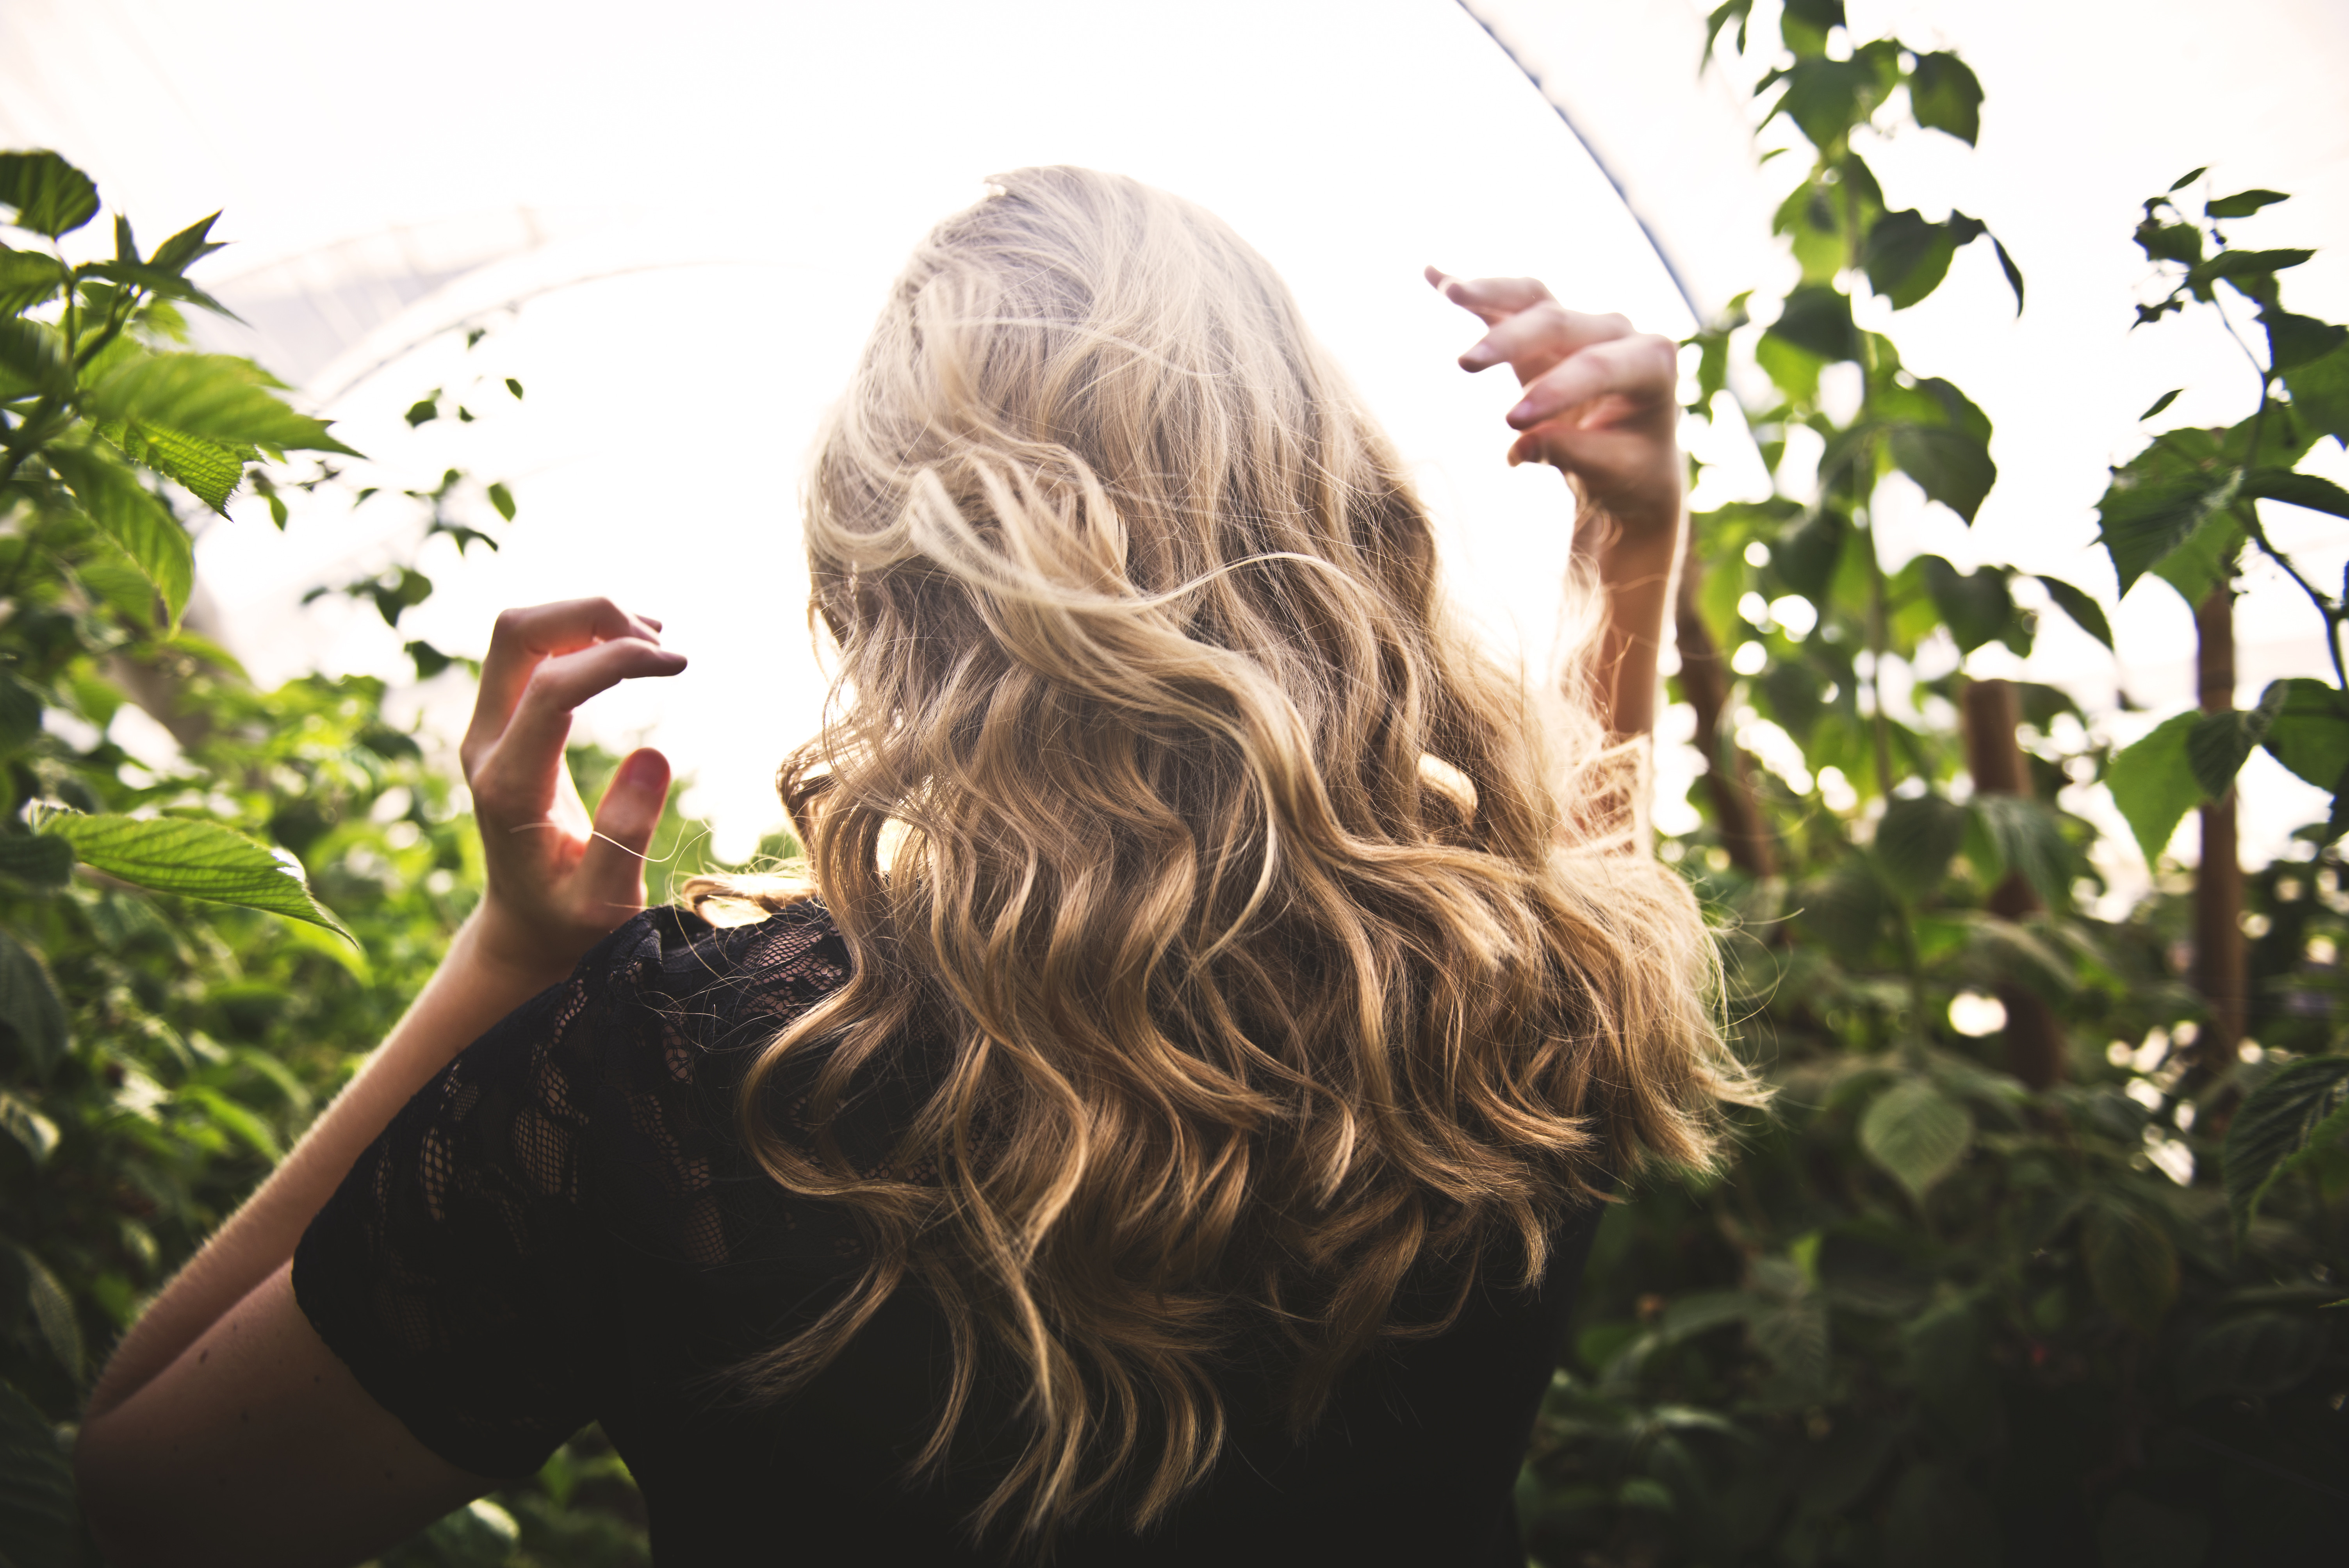 毎朝のスタイリングを楽チンに!便利な巻き髪ガジェット3選